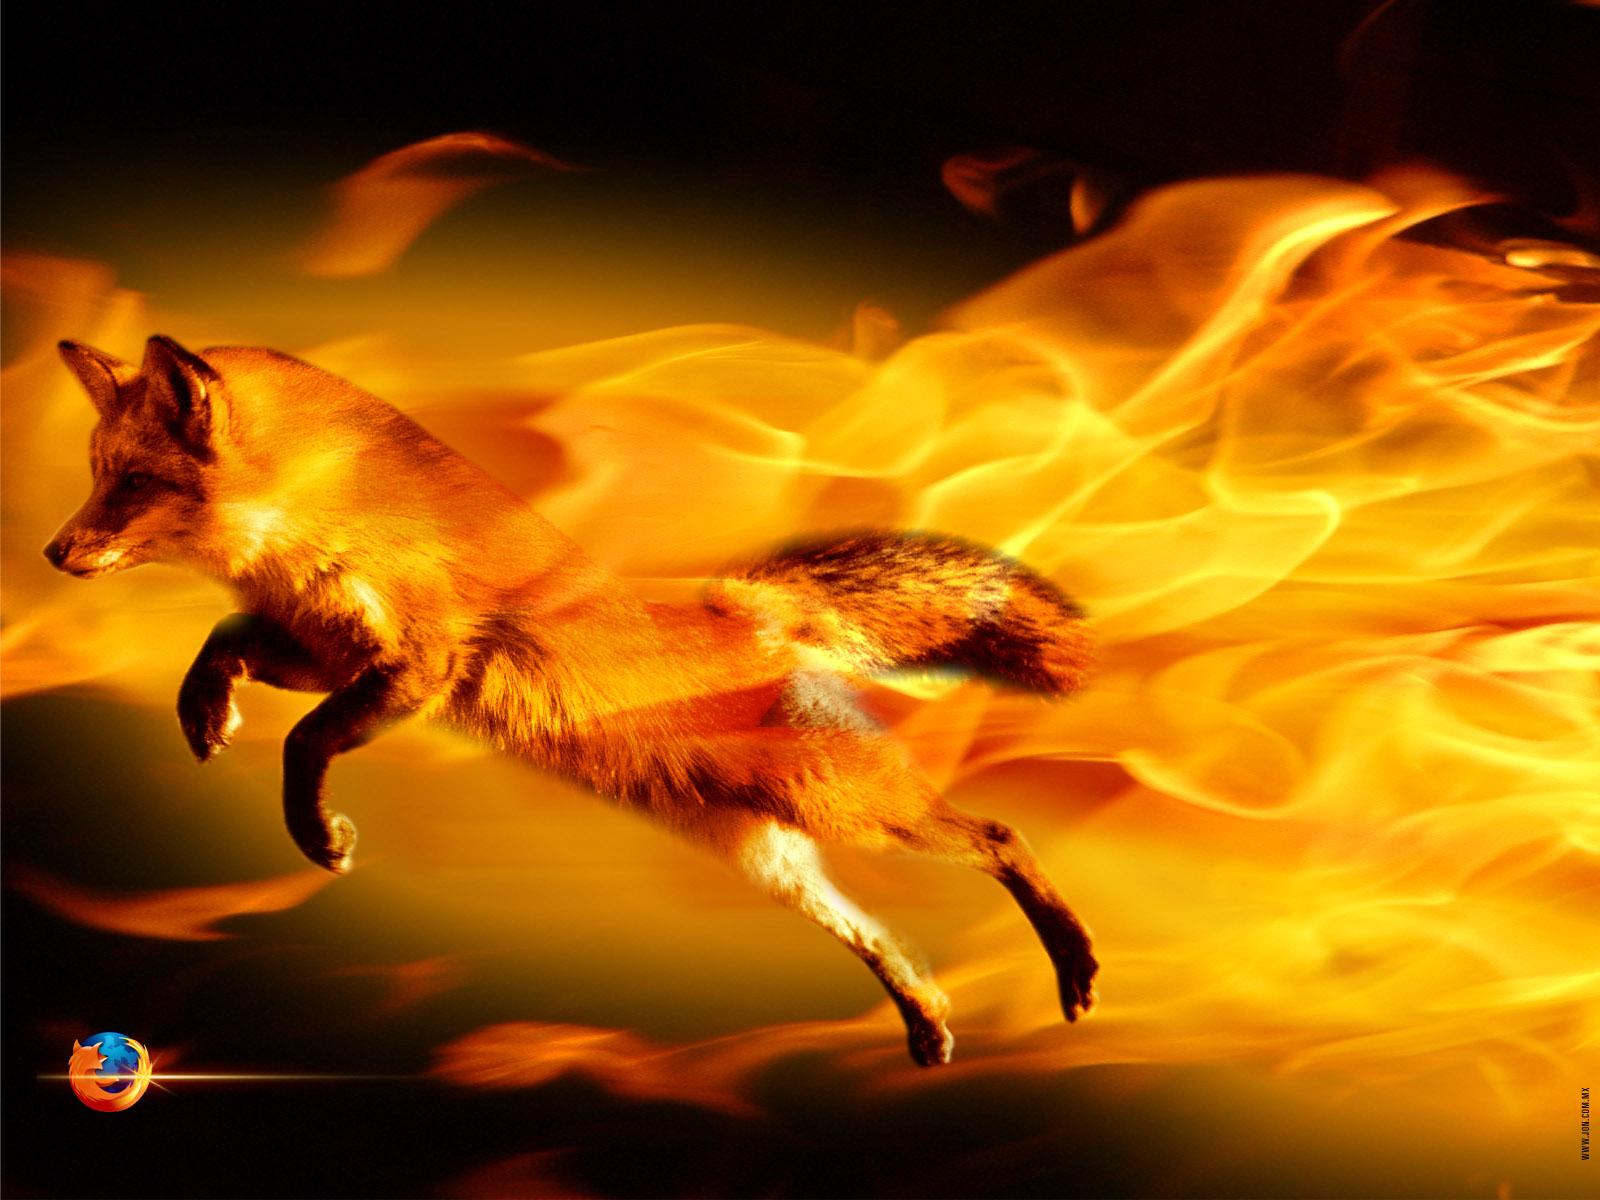 http://4.bp.blogspot.com/-IJSpCSM7XrA/T8A9FlKE8LI/AAAAAAAAGnI/kIPtlVs2k18/s1600/the_firefox_by_djog.jpg